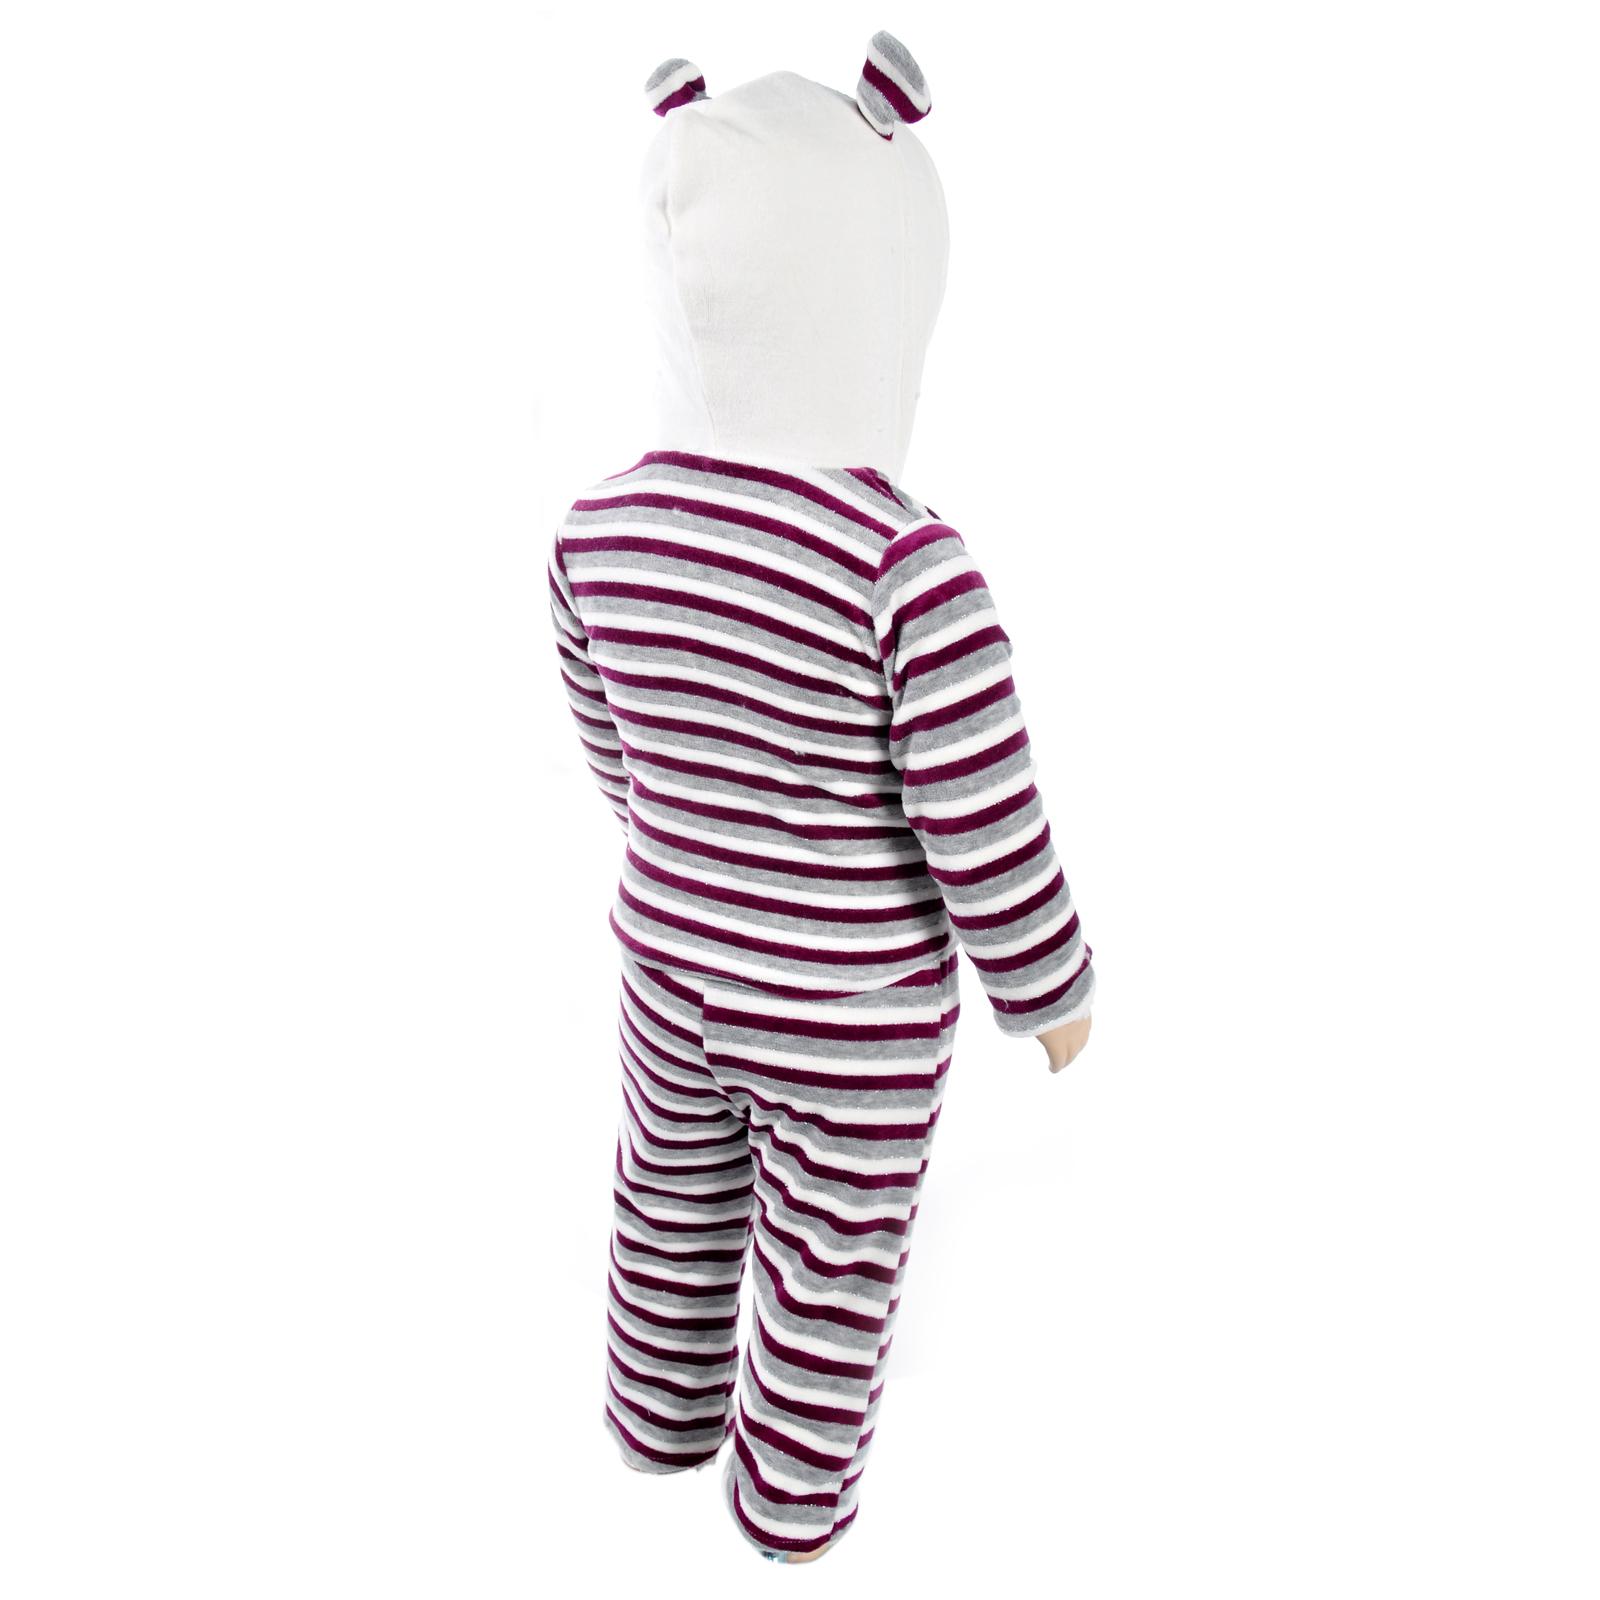 Комплект одежды Estella для девочки, брюки, кофточка, цвет - Темно-розовый Размер 74